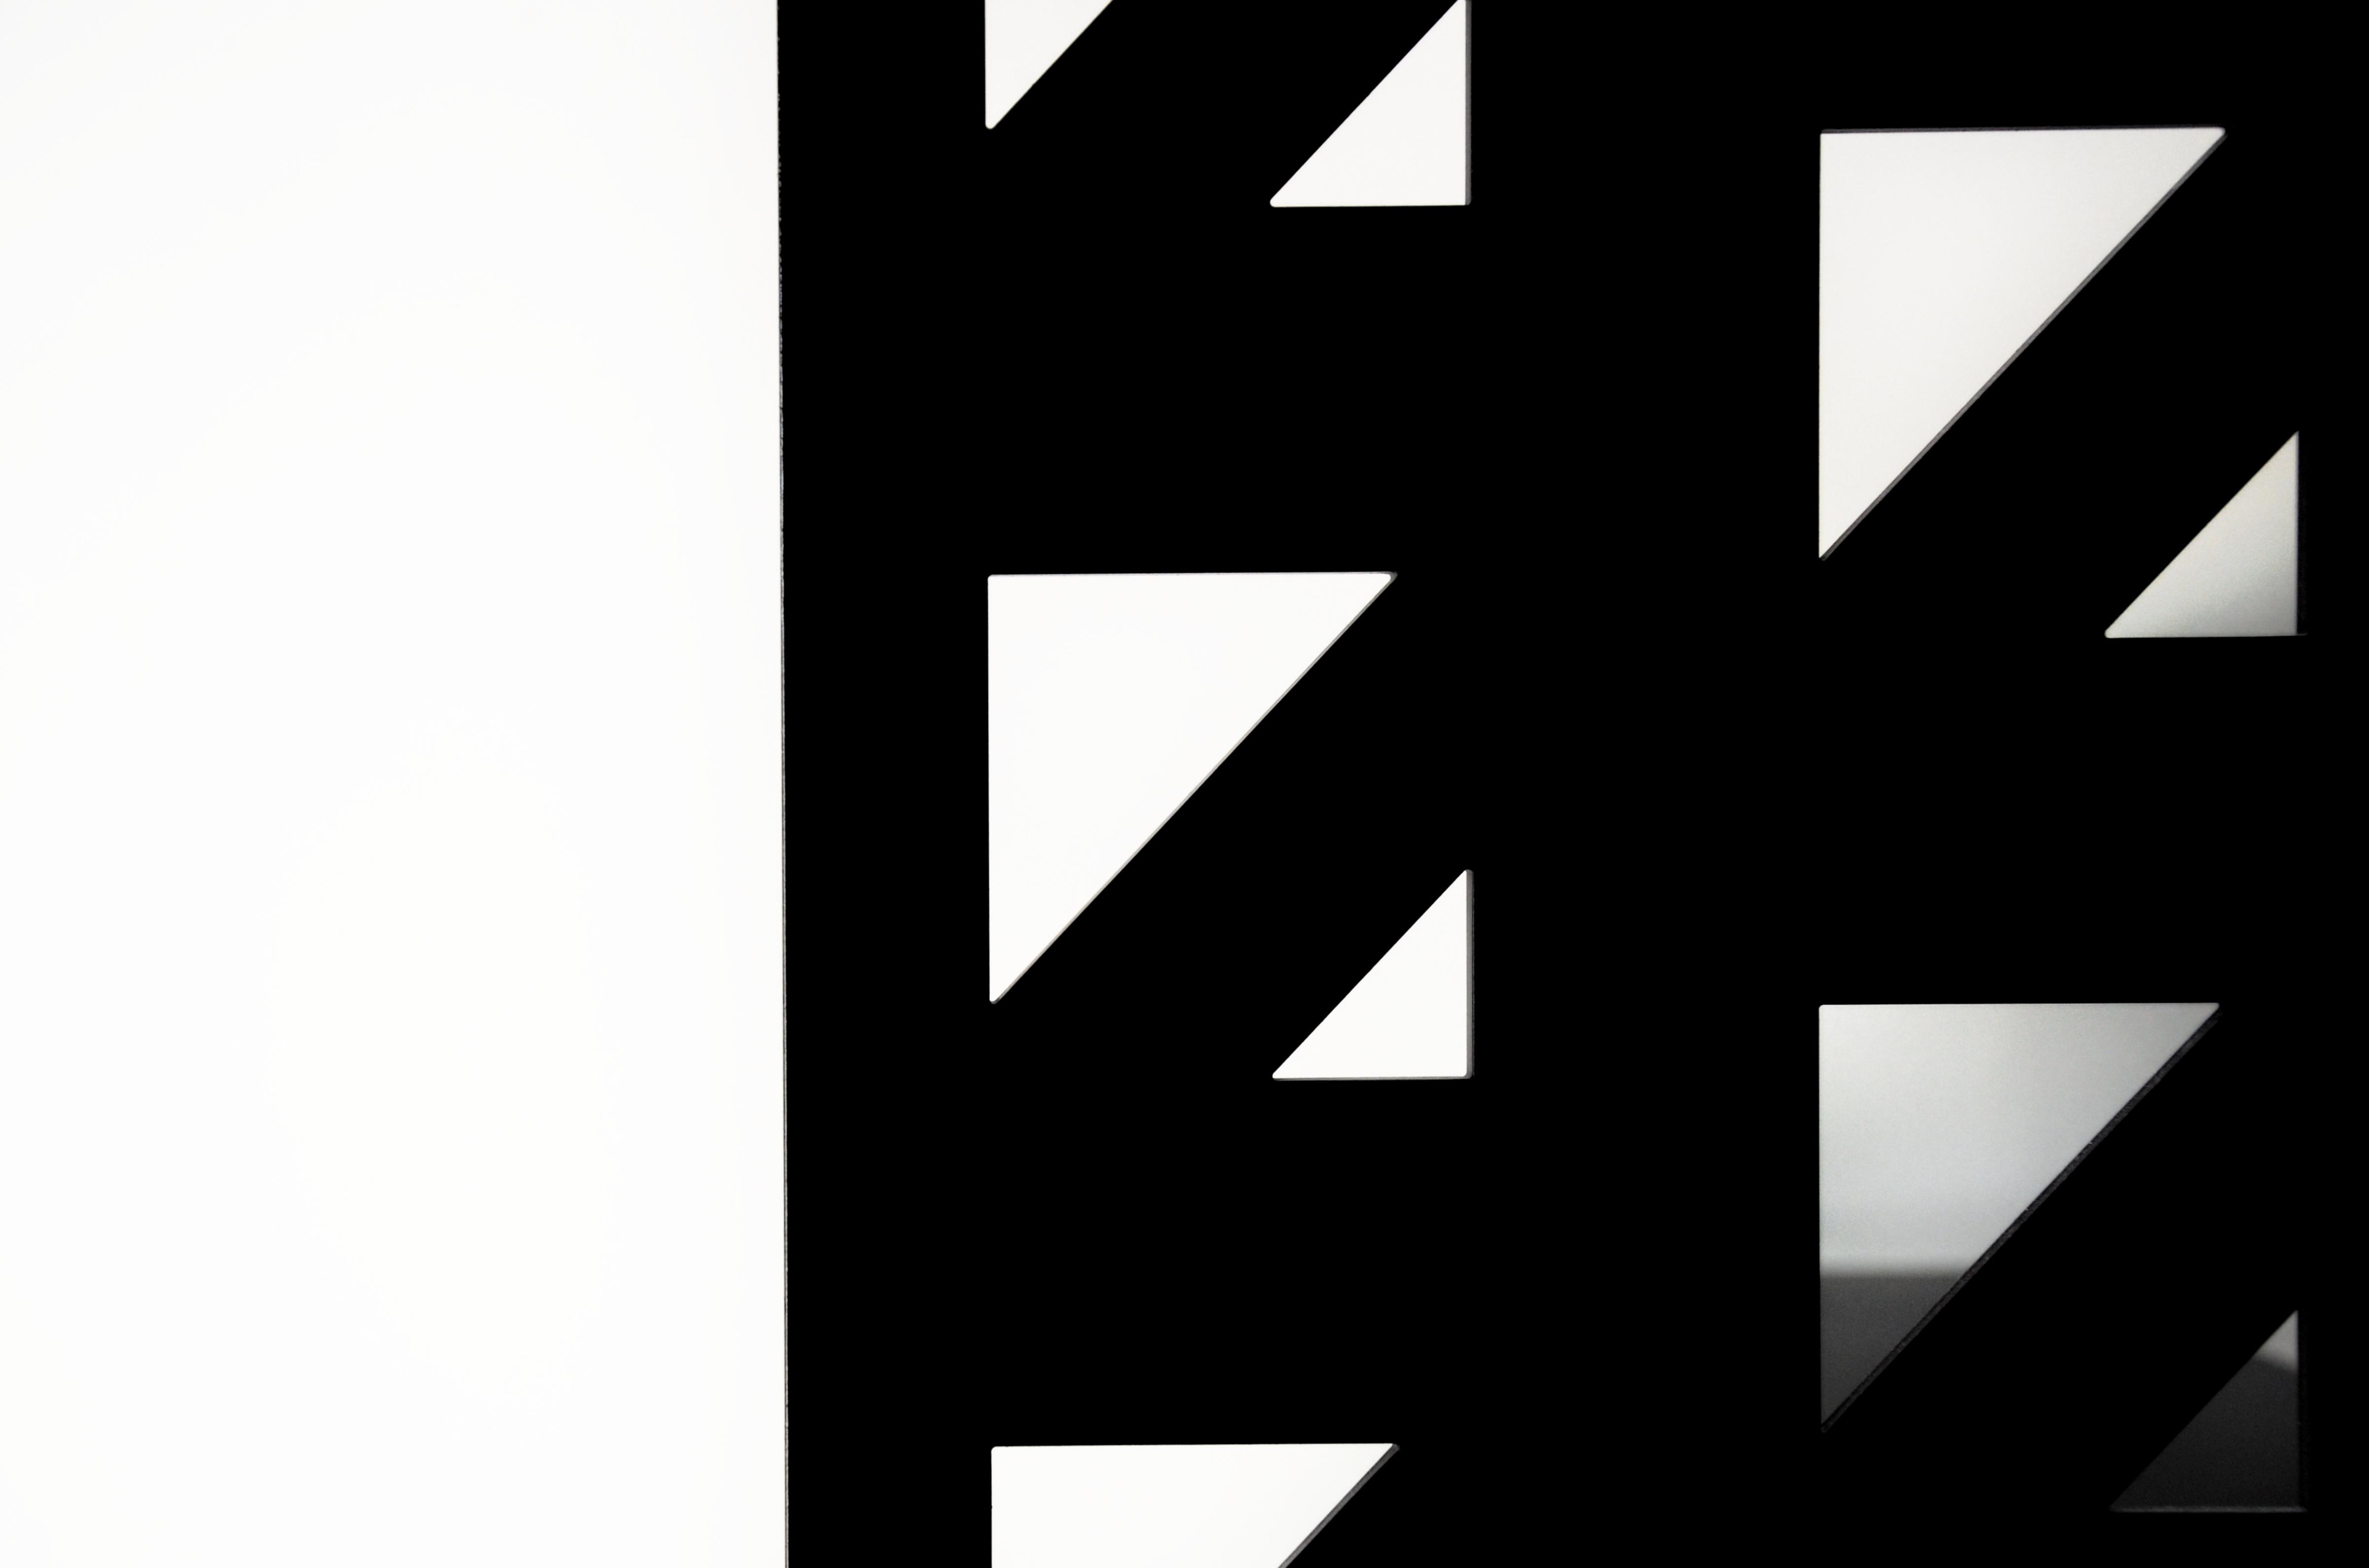 casa MTT FF dettaglio della scala realizzata da Sandro Cerioni su disegno dell'architetto francesco valentini